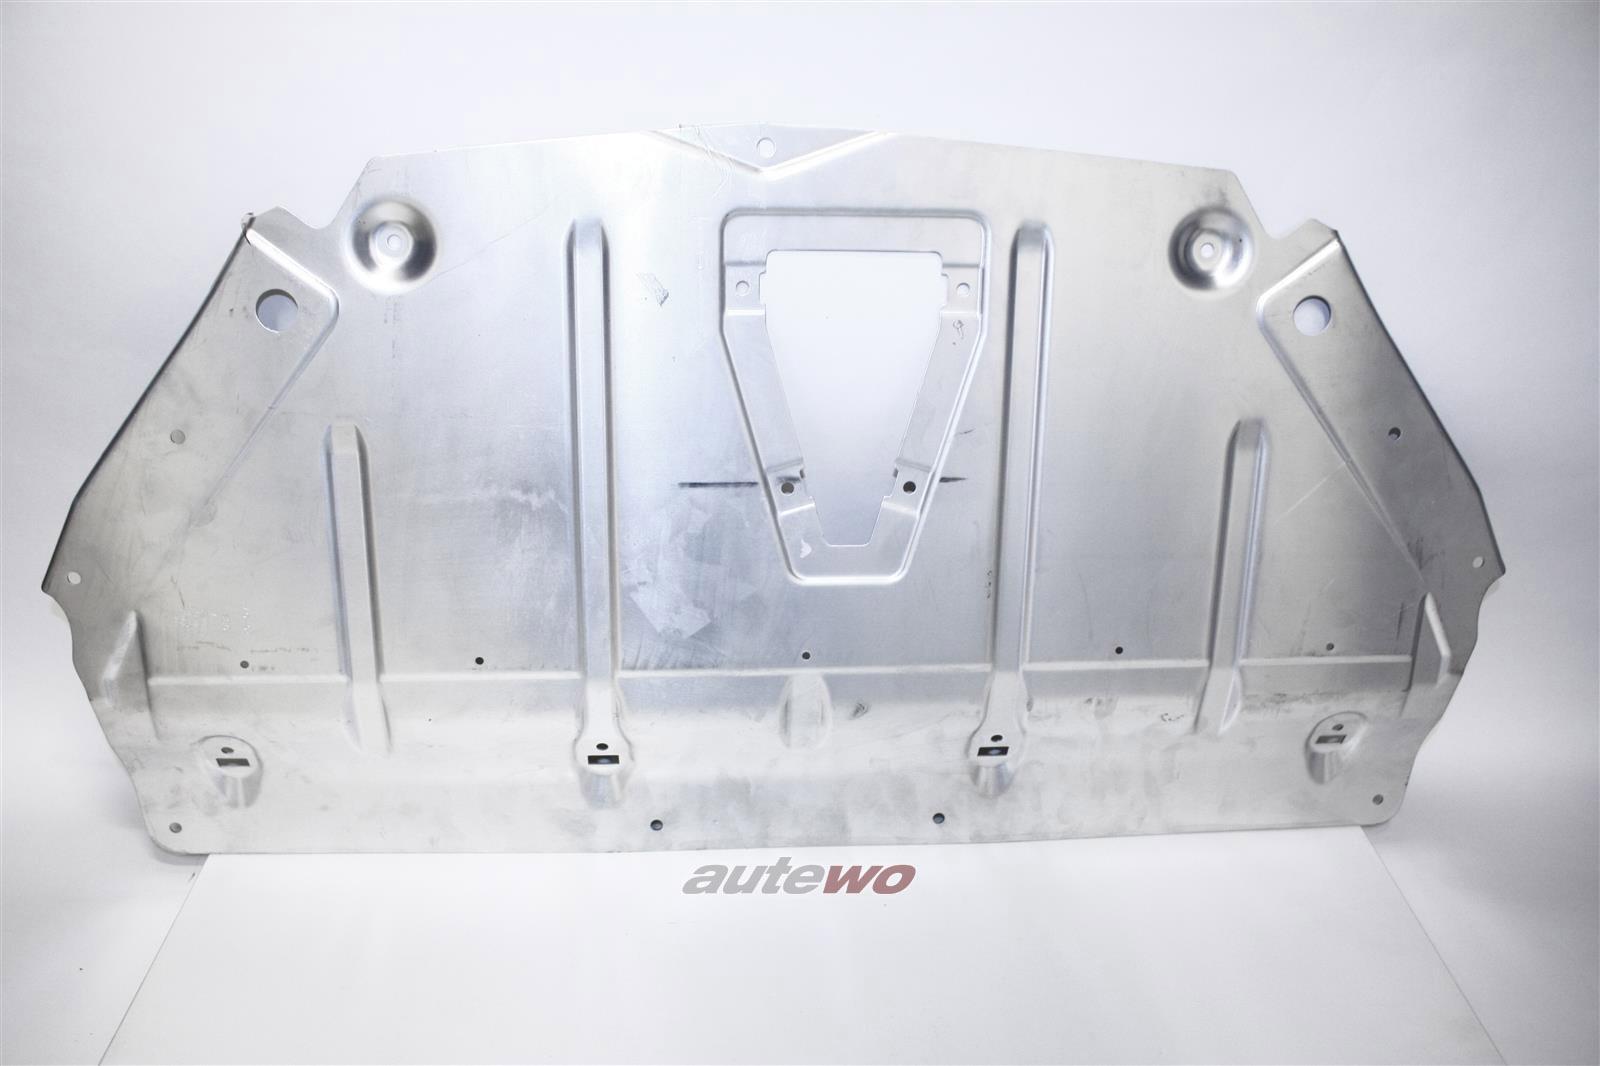 8J7825238A 8J7825238 NEU Audi TT 8J Roadster Geräuschdämpfung/Unterfahrschutz